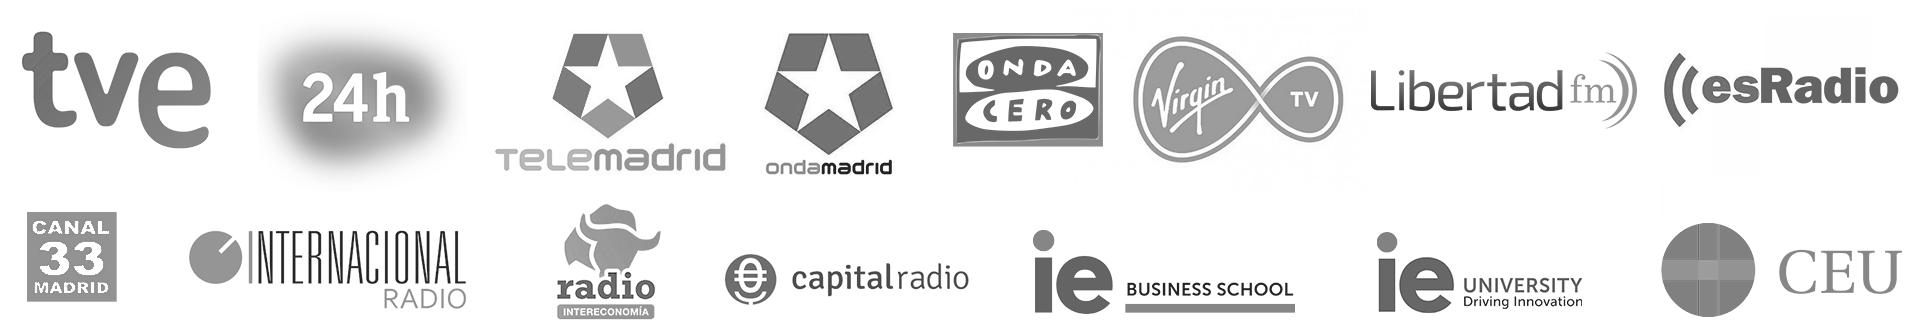 Medios de comunicación y universidades donde ha colaborado Javier Galué - Javi Galué - TVE - TELEMADRID - ONDA CER - ESRADIO - ONDA MADRID - Canal 24h - capital radio - IE - CEU